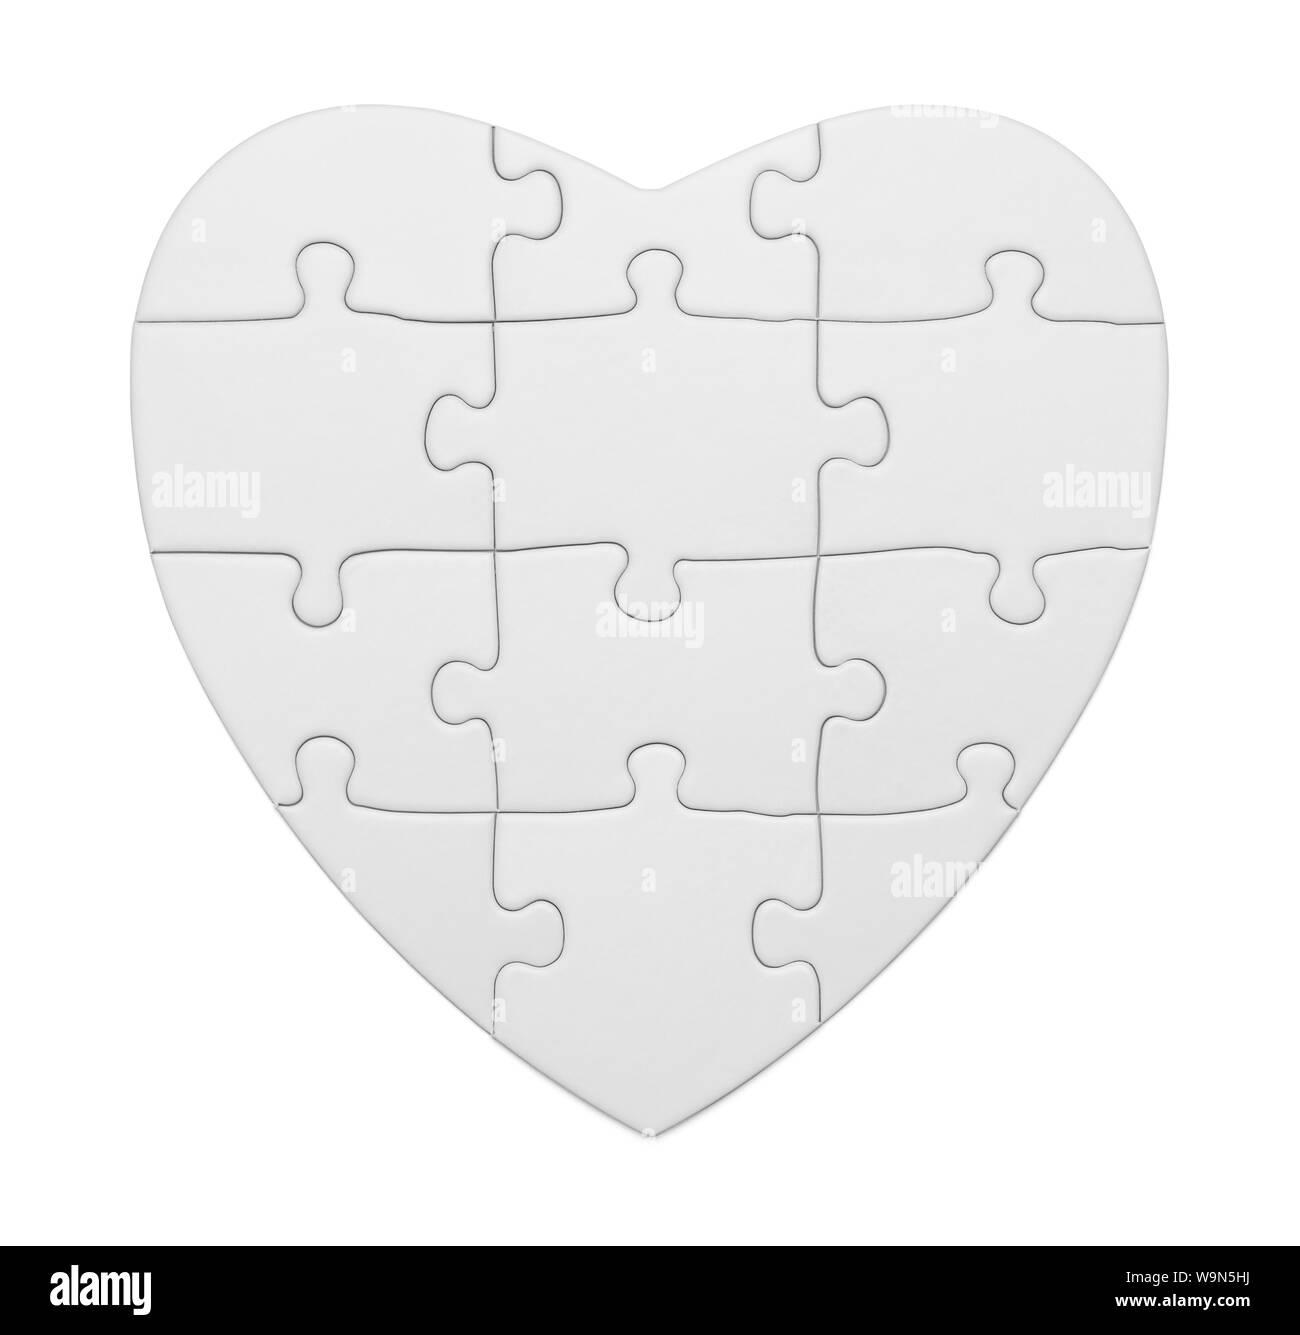 Broken Heart Cut Out Stock Photos & Broken Heart Cut Out